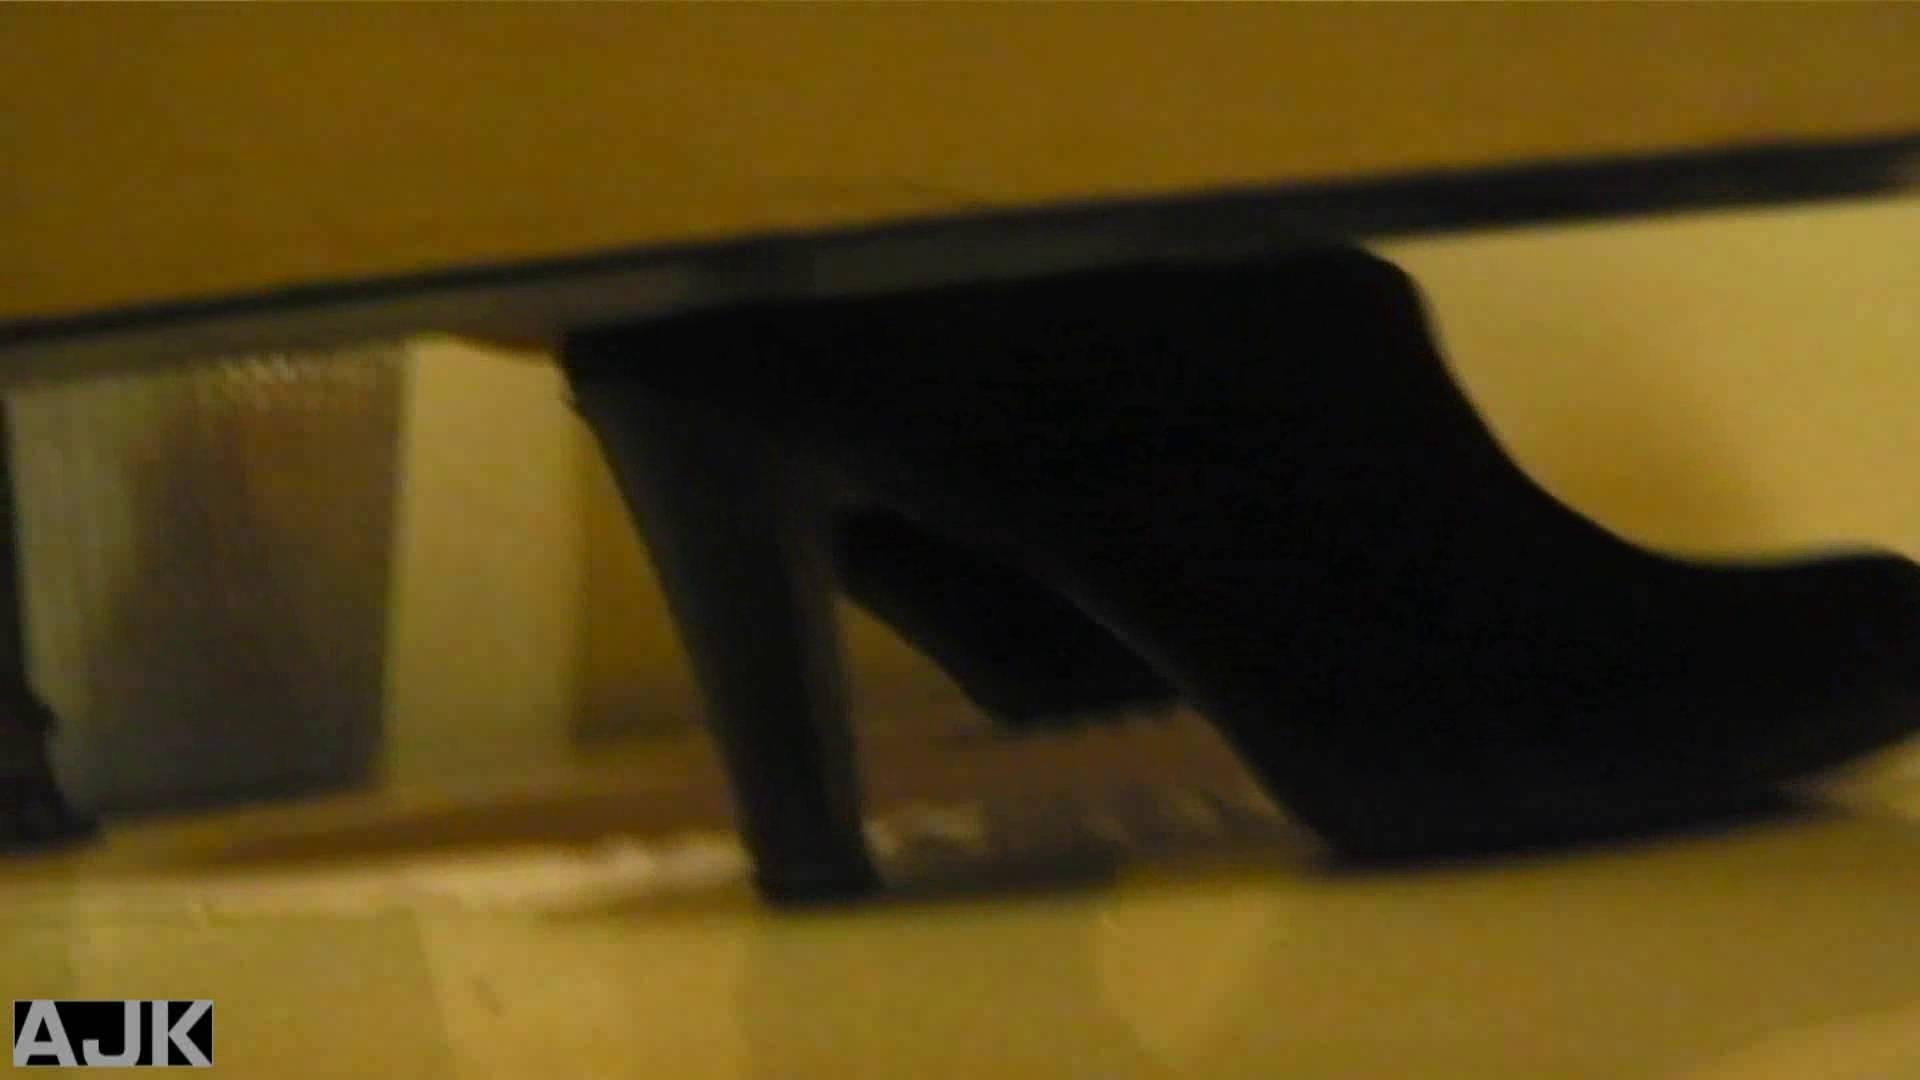 隣国上階級エリアの令嬢たちが集うデパートお手洗い Vol.26 エロいOL 濡れ場動画紹介 65枚